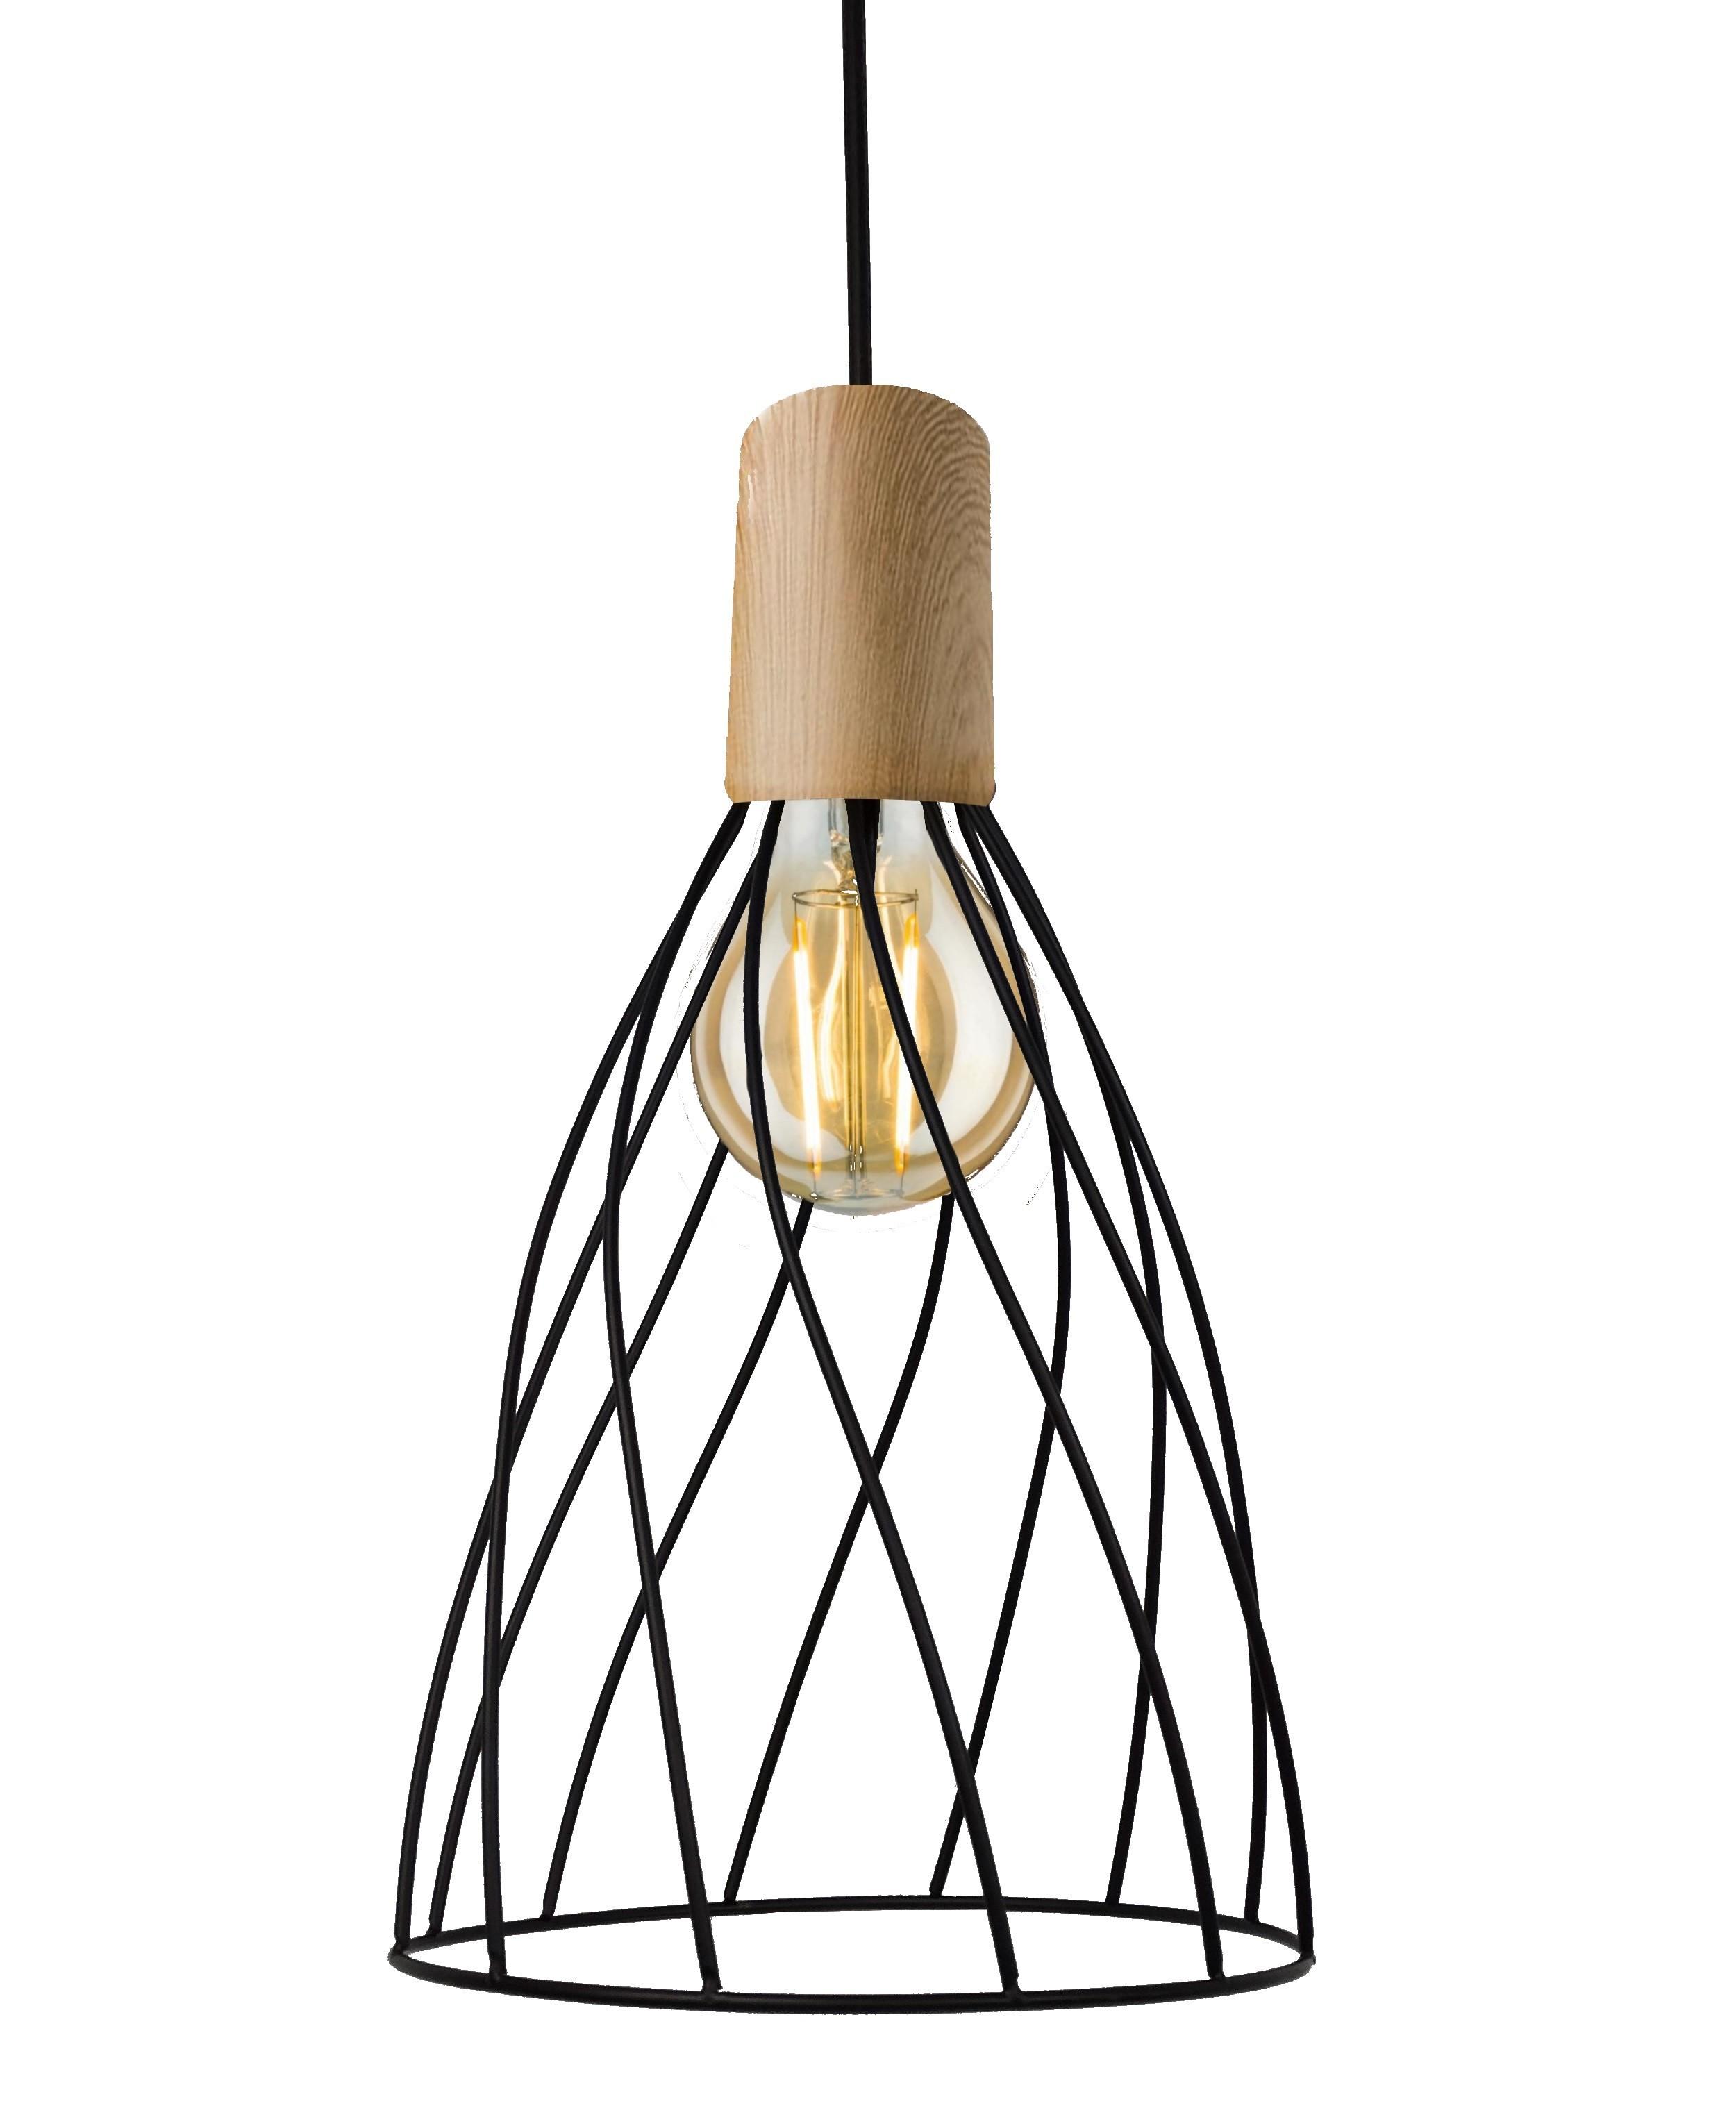 Lampa wisząca Moderno długa E27 LP-1221/1P L E27 BK - Light Prestige Do -17% rabatu w koszyku i darmowa dostawa od 299zł !